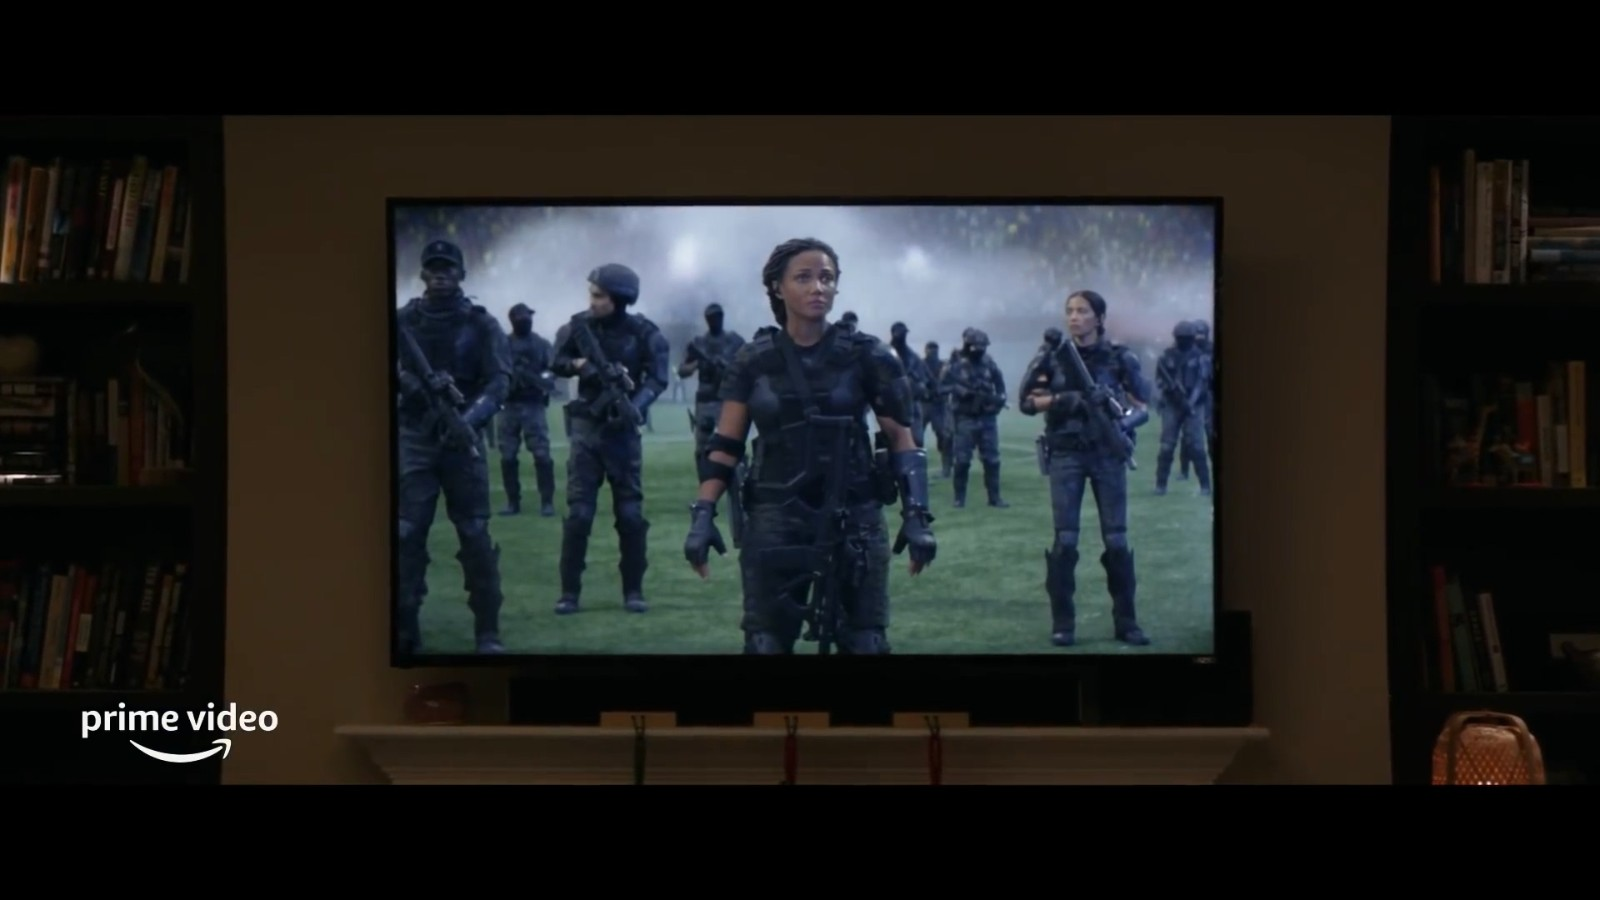 《明日之战》IGN评分3分 彻头彻尾的烂片